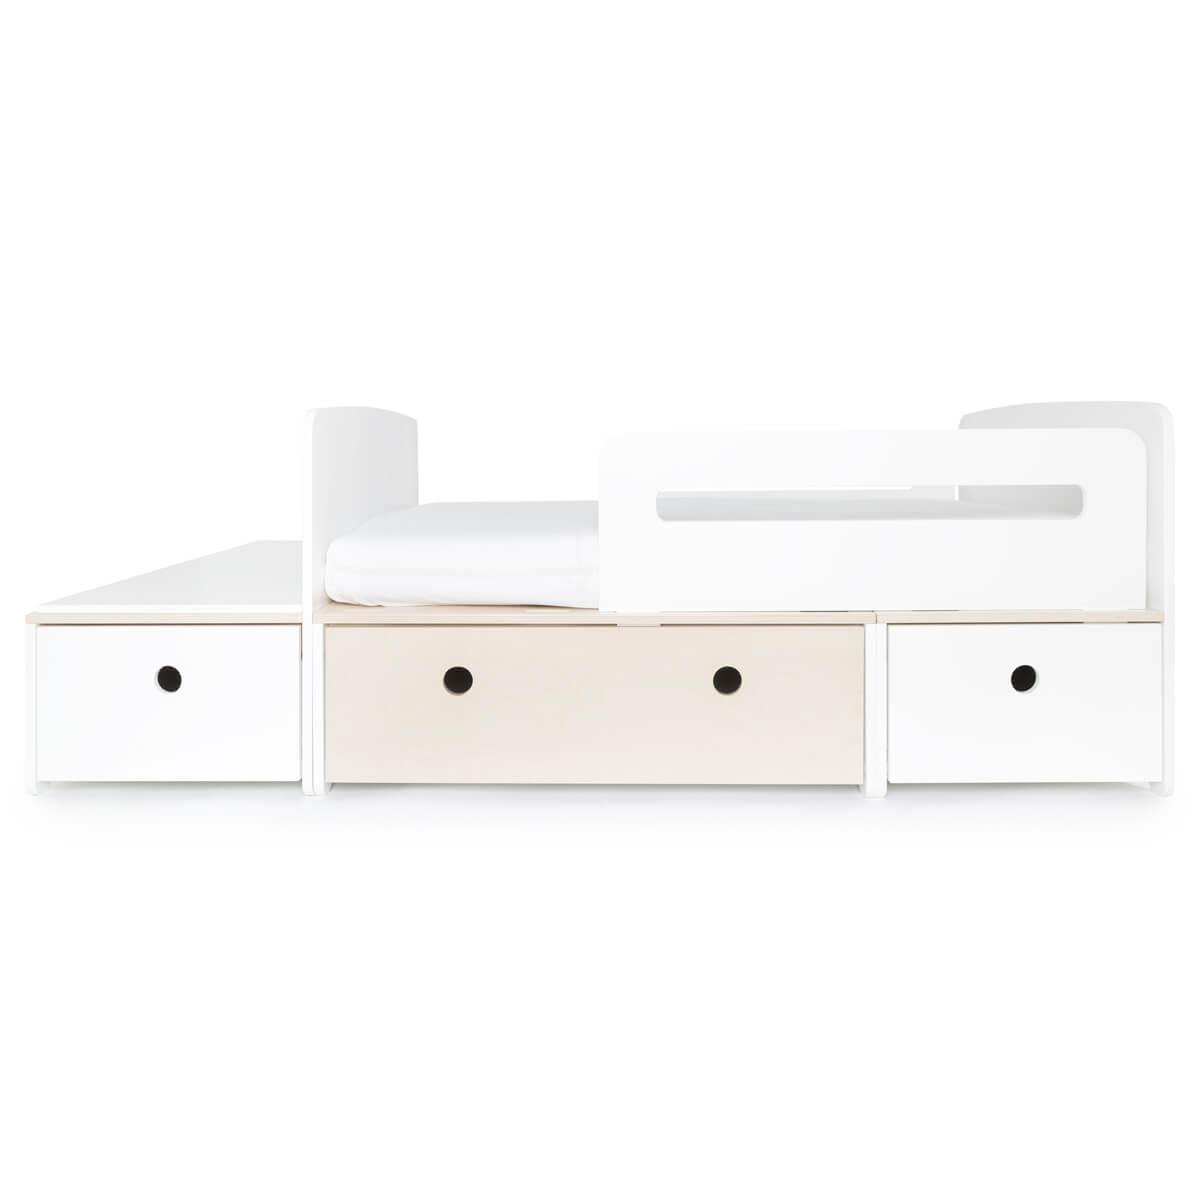 Lit junior évolutif 90x150/200cm COLORFLEX white-white wash-white